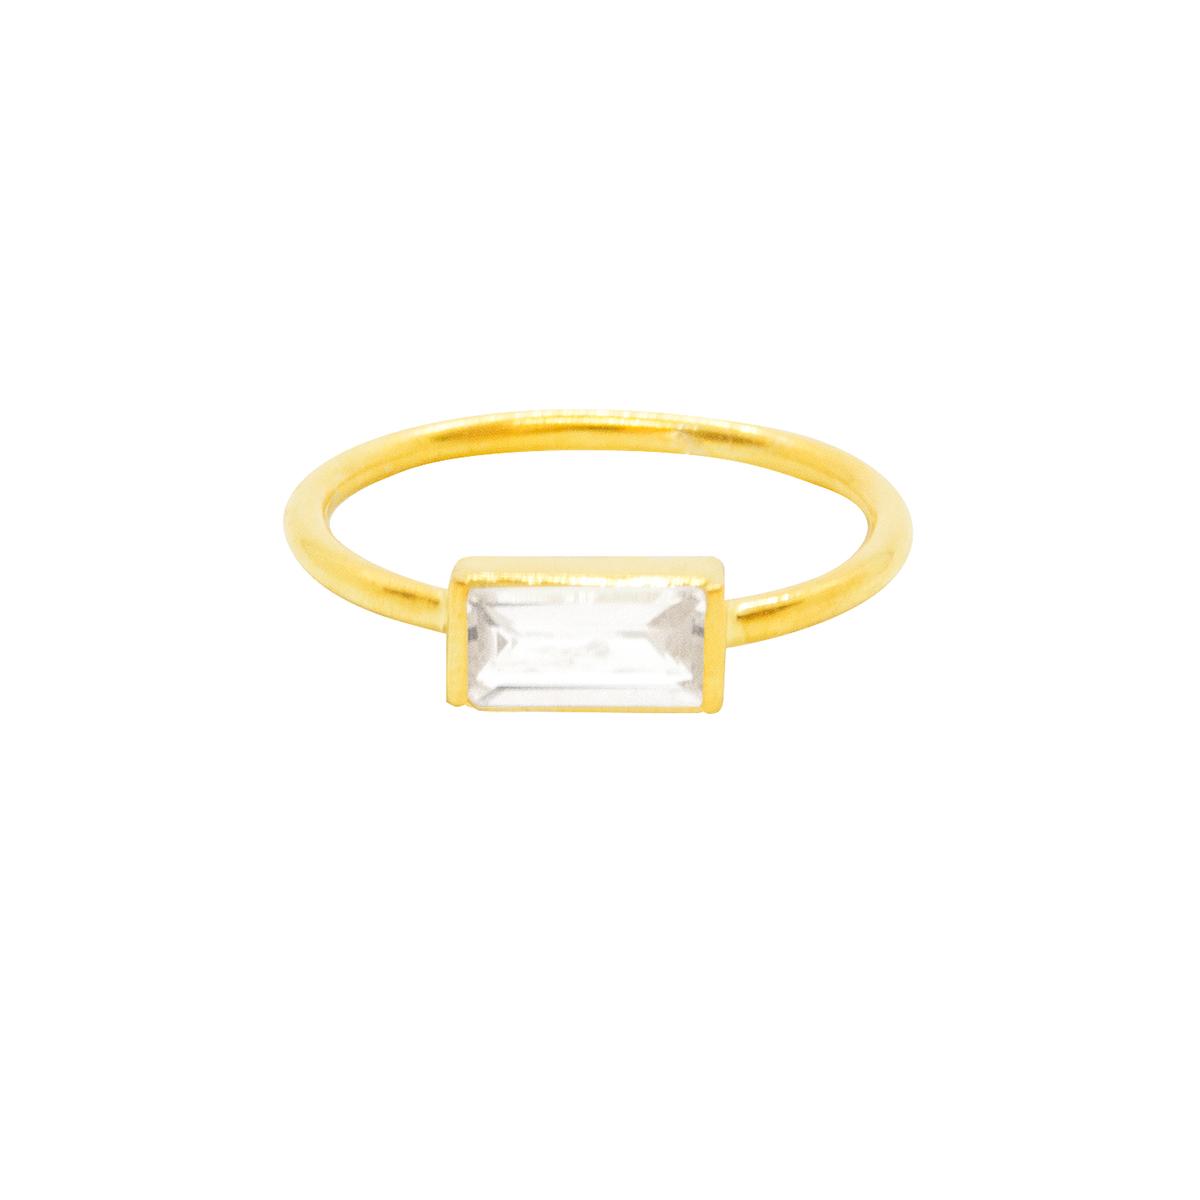 Anillo Aurora con cuarzo blanco de plata 925 bañado en oro de 22 quilates